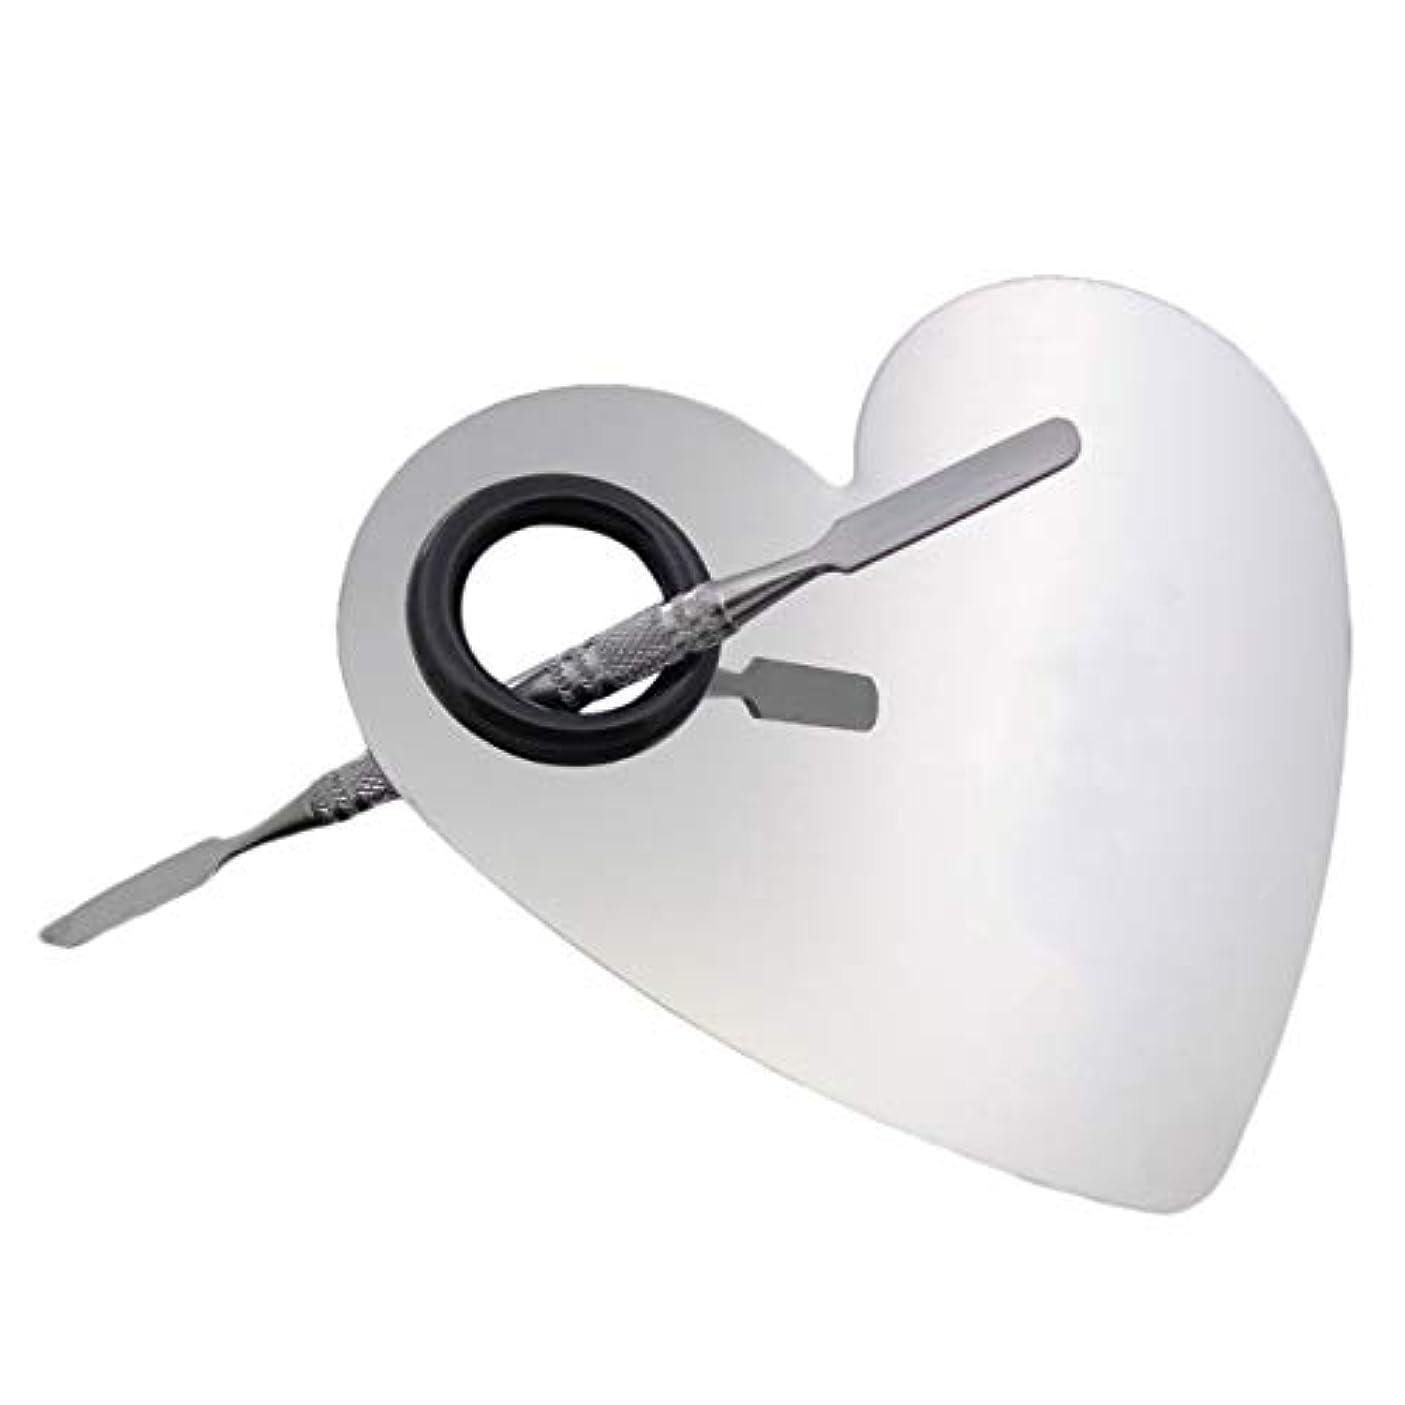 偽造作動する補充304ステンレス鋼の新しいハート形メイクネイルパレットセットヘラファッションパレットメイクアップアーティストツール(色:プライマリミラー)